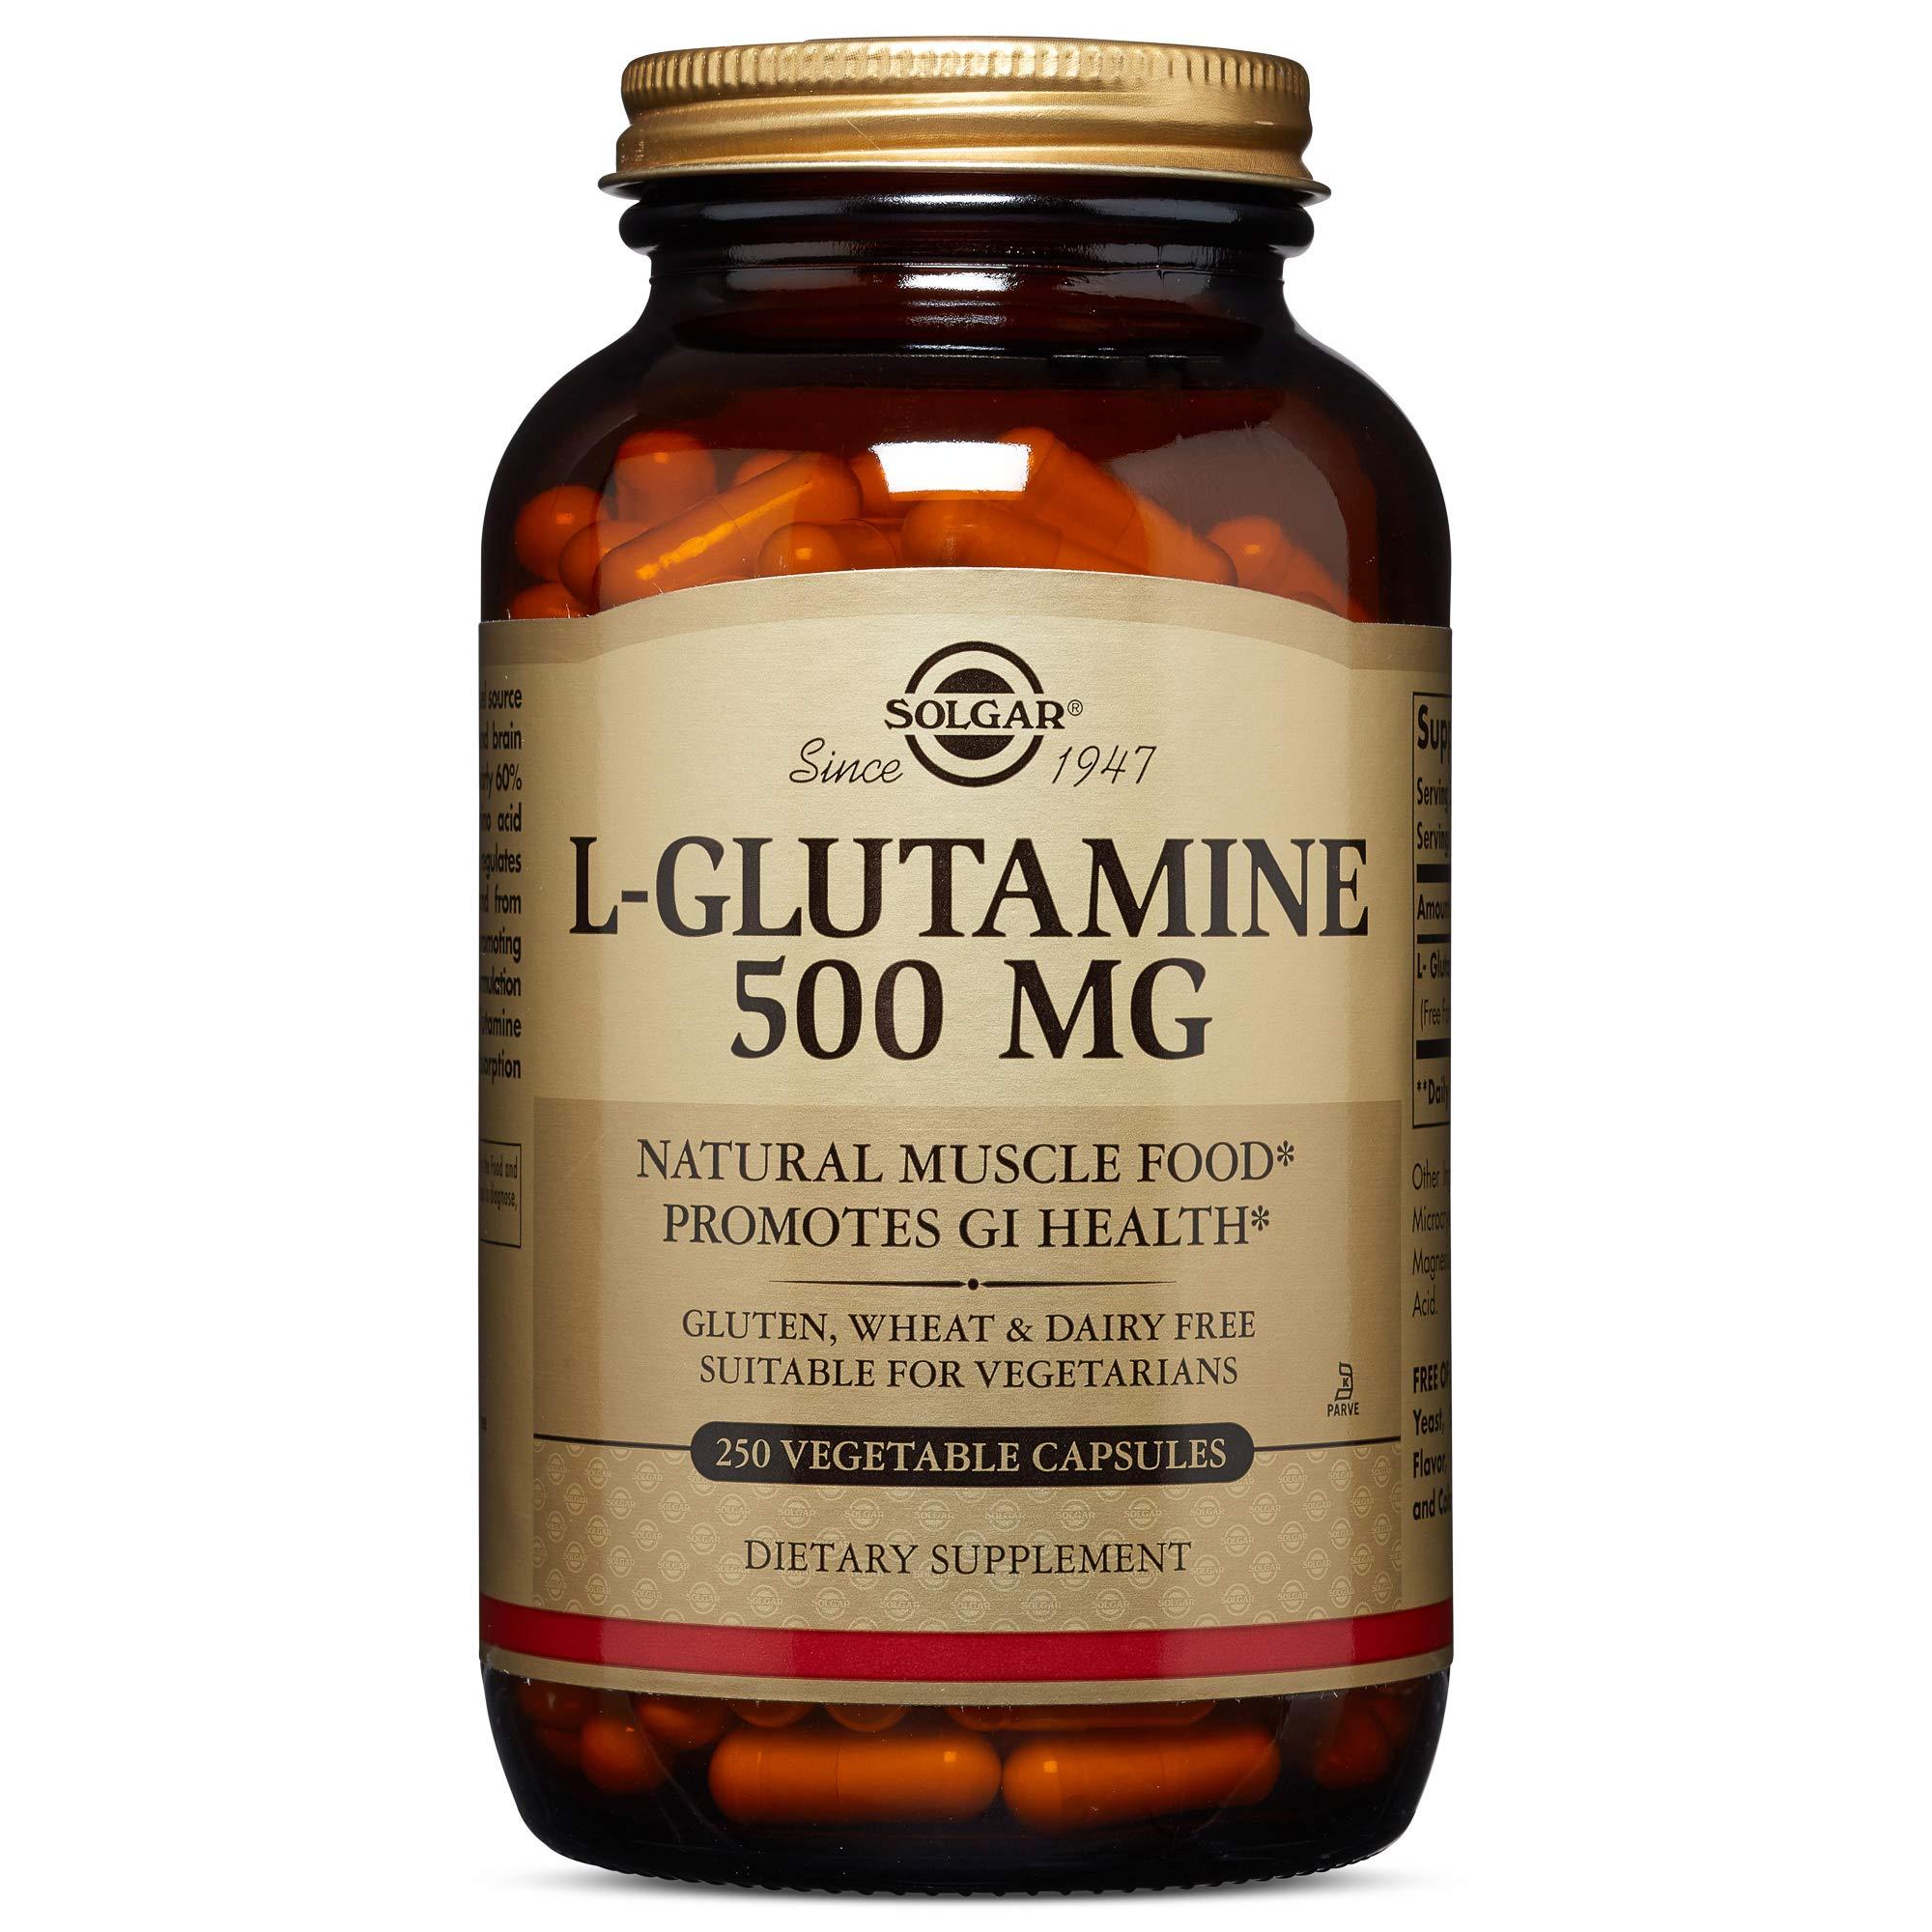 Solgar, L-Glutamine 500 mg 250 Vegetable Capsules by Solgar